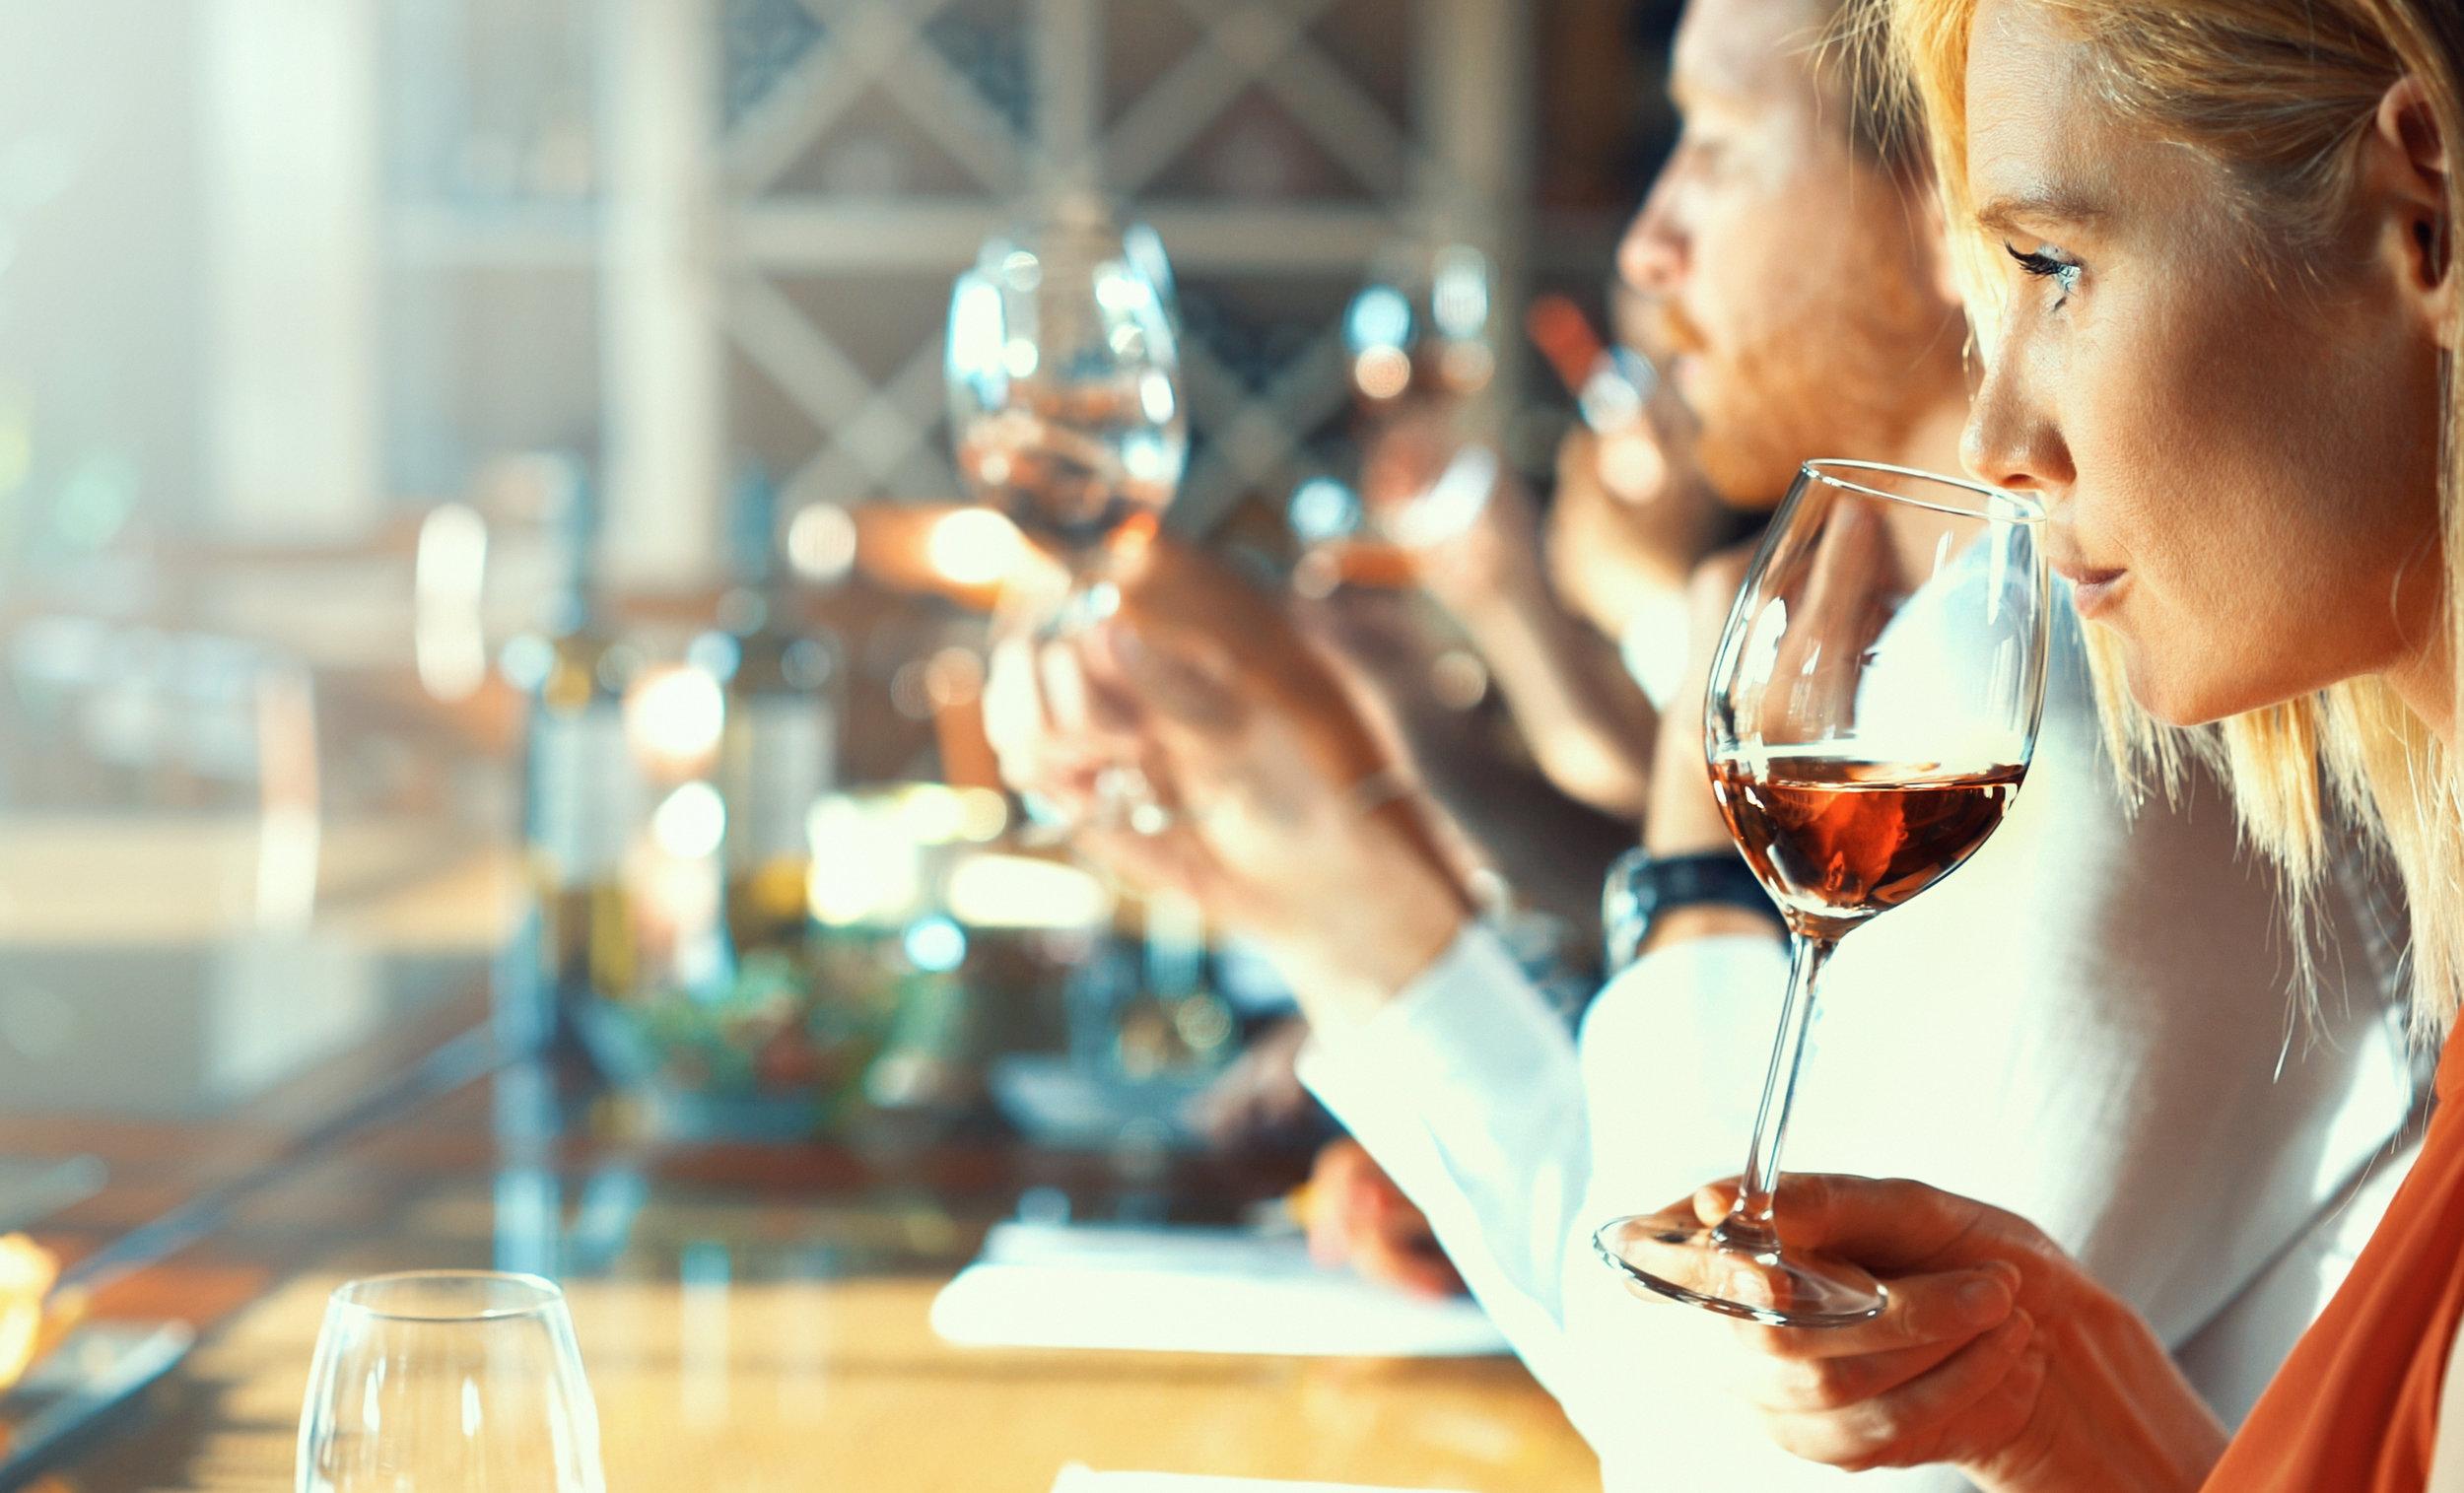 wine-tasting-iStock-590244034.jpg